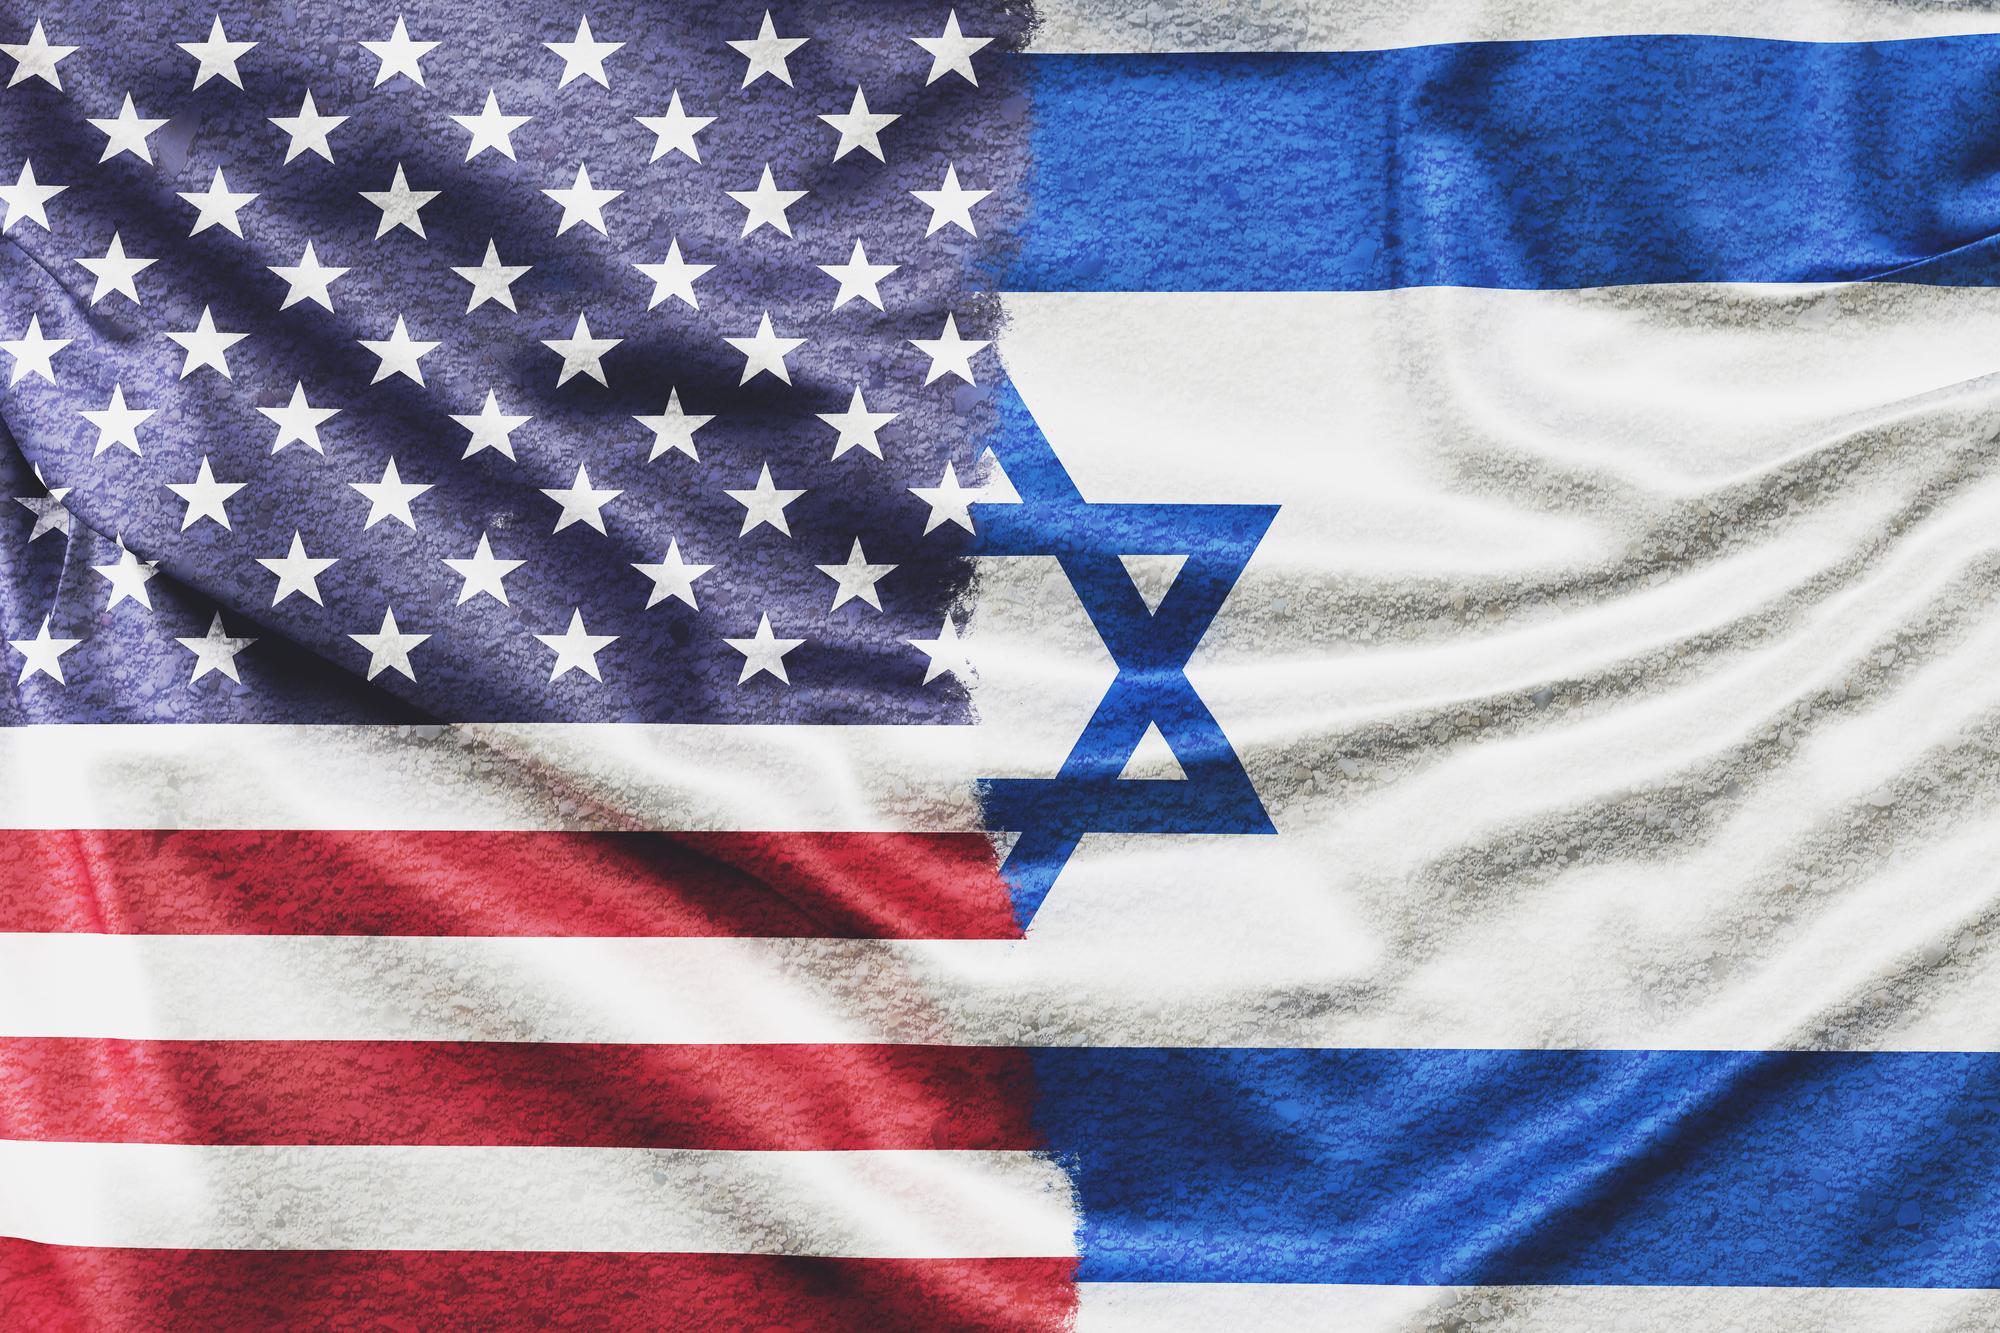 Bandeiras dos Estados Unidos e Israel